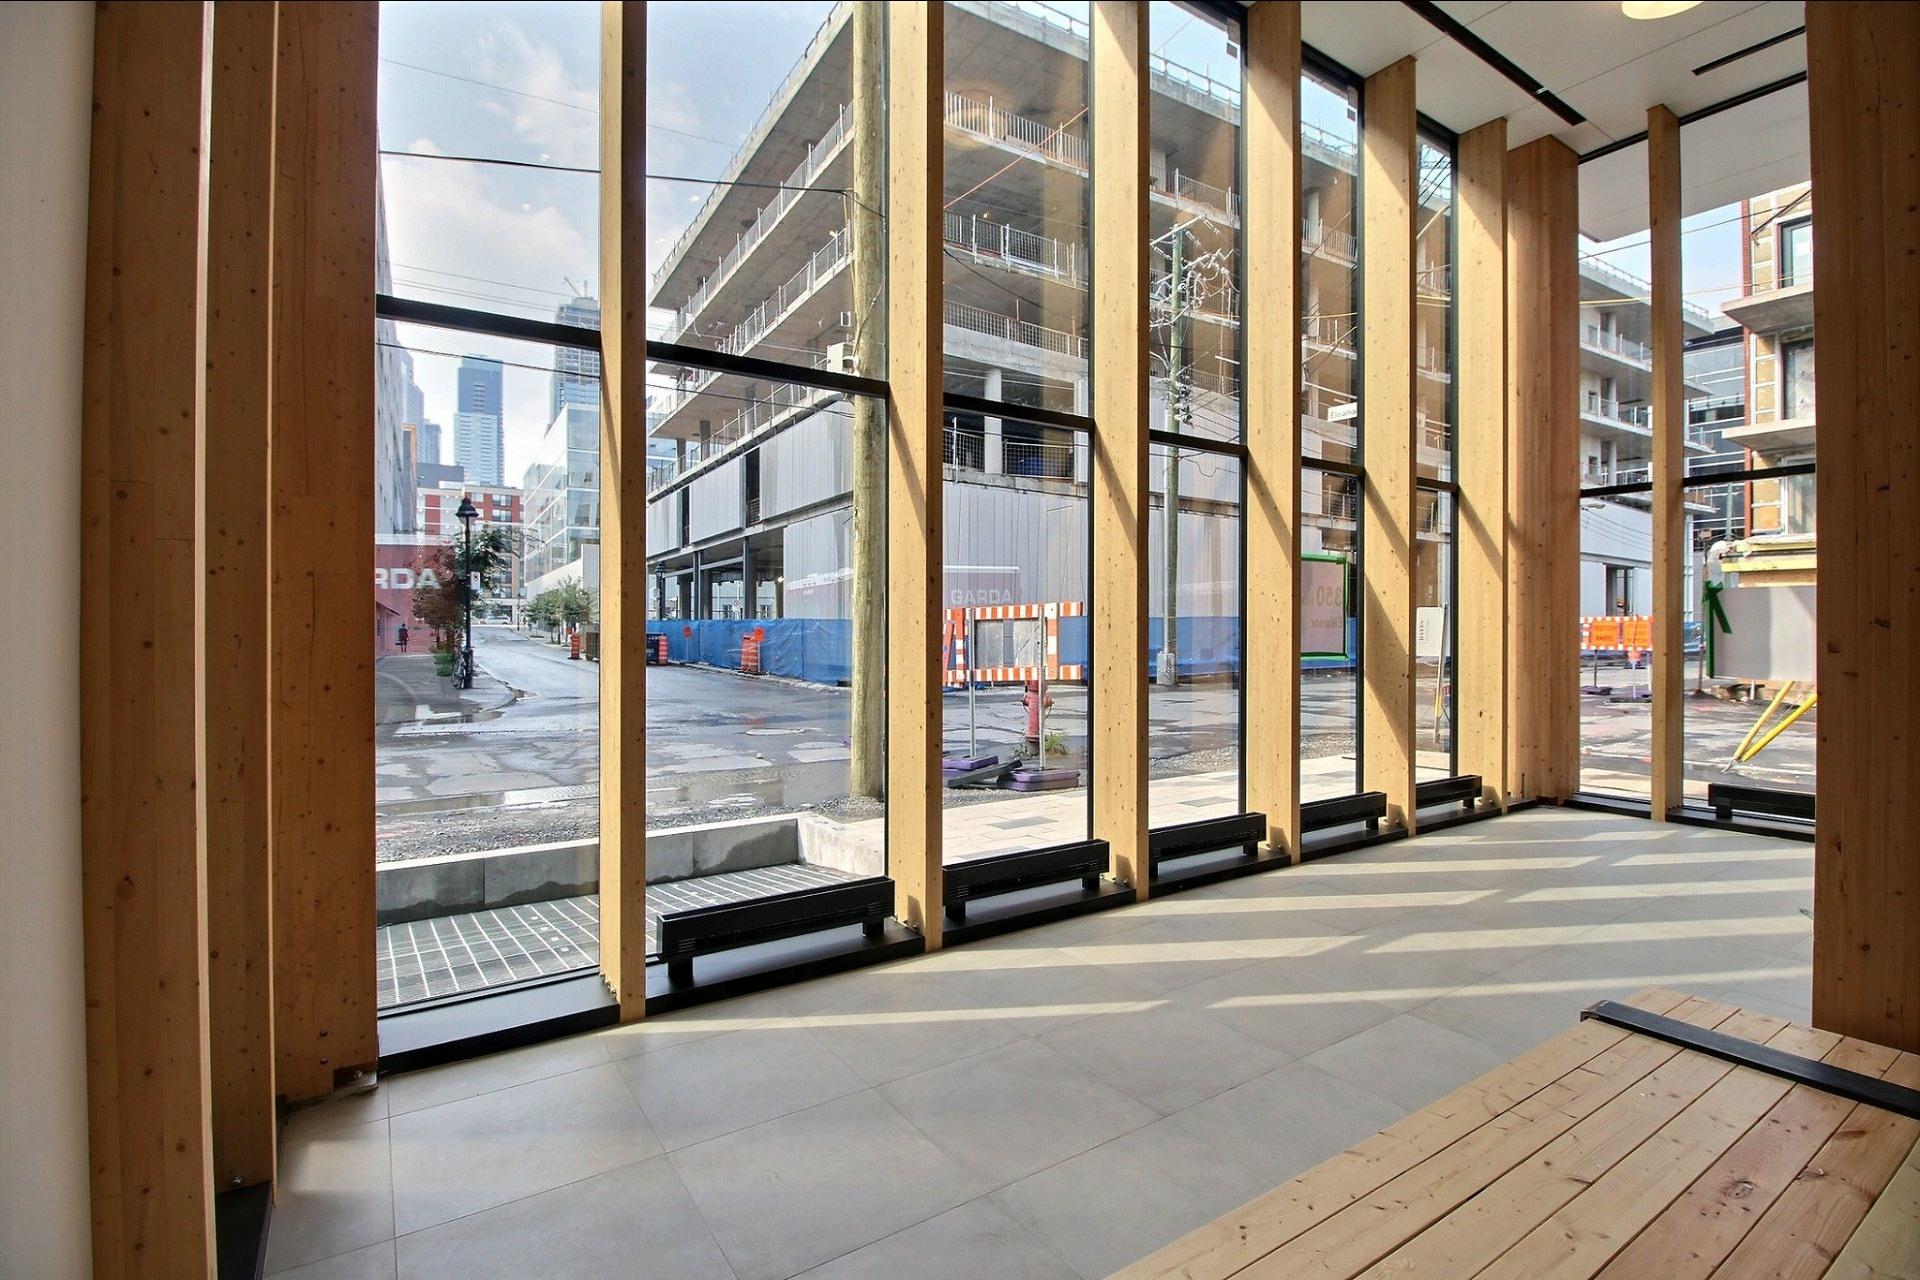 image 2 - Appartement À louer Montréal Le Sud-Ouest  - 4 pièces